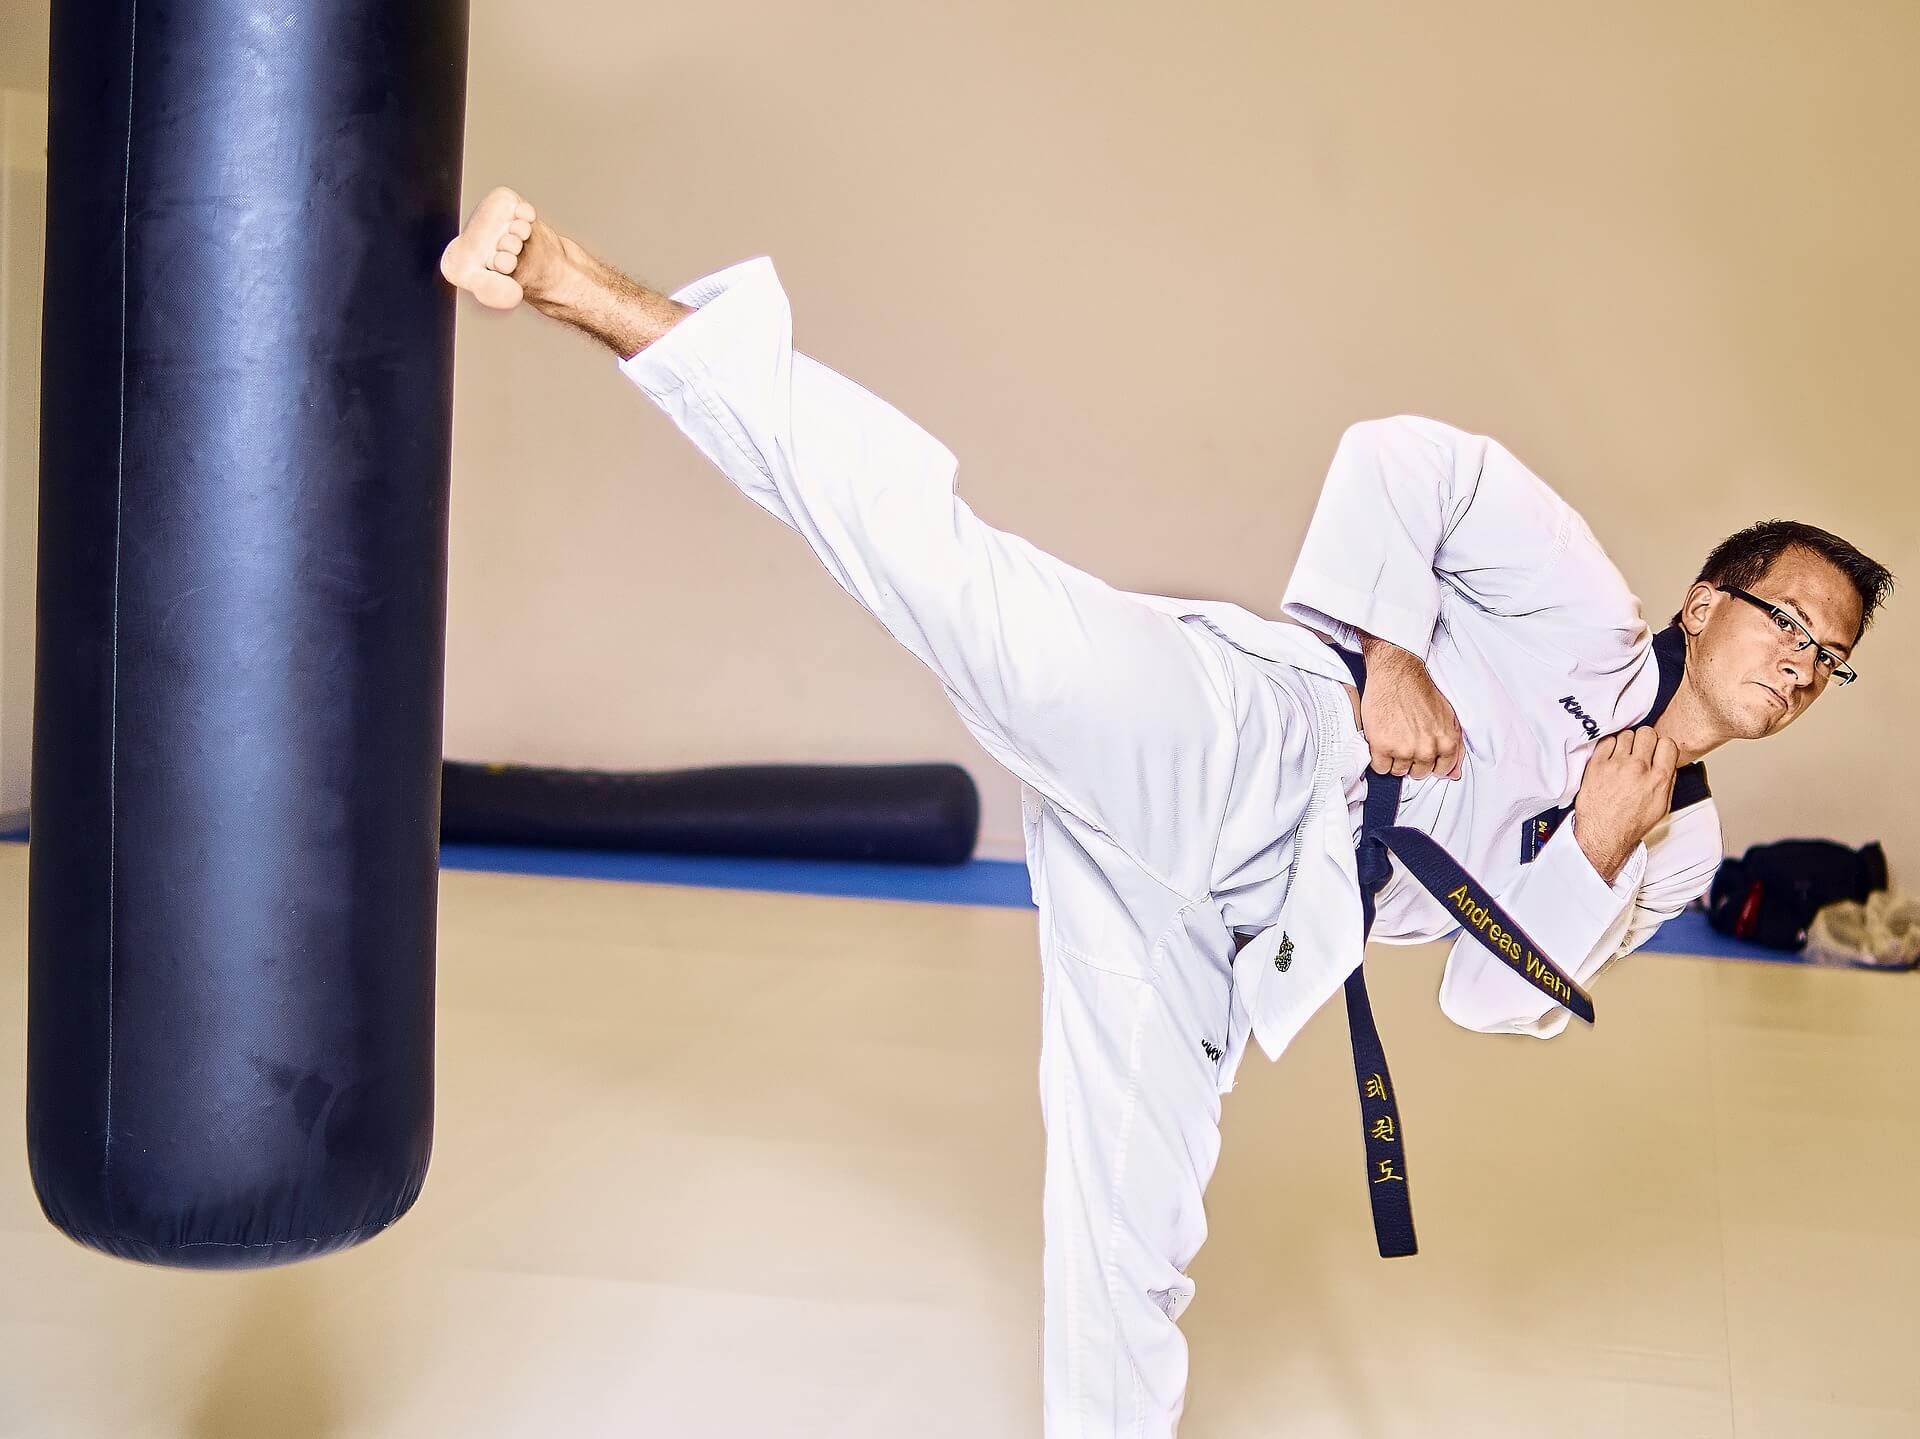 taekwondo sandsack kick